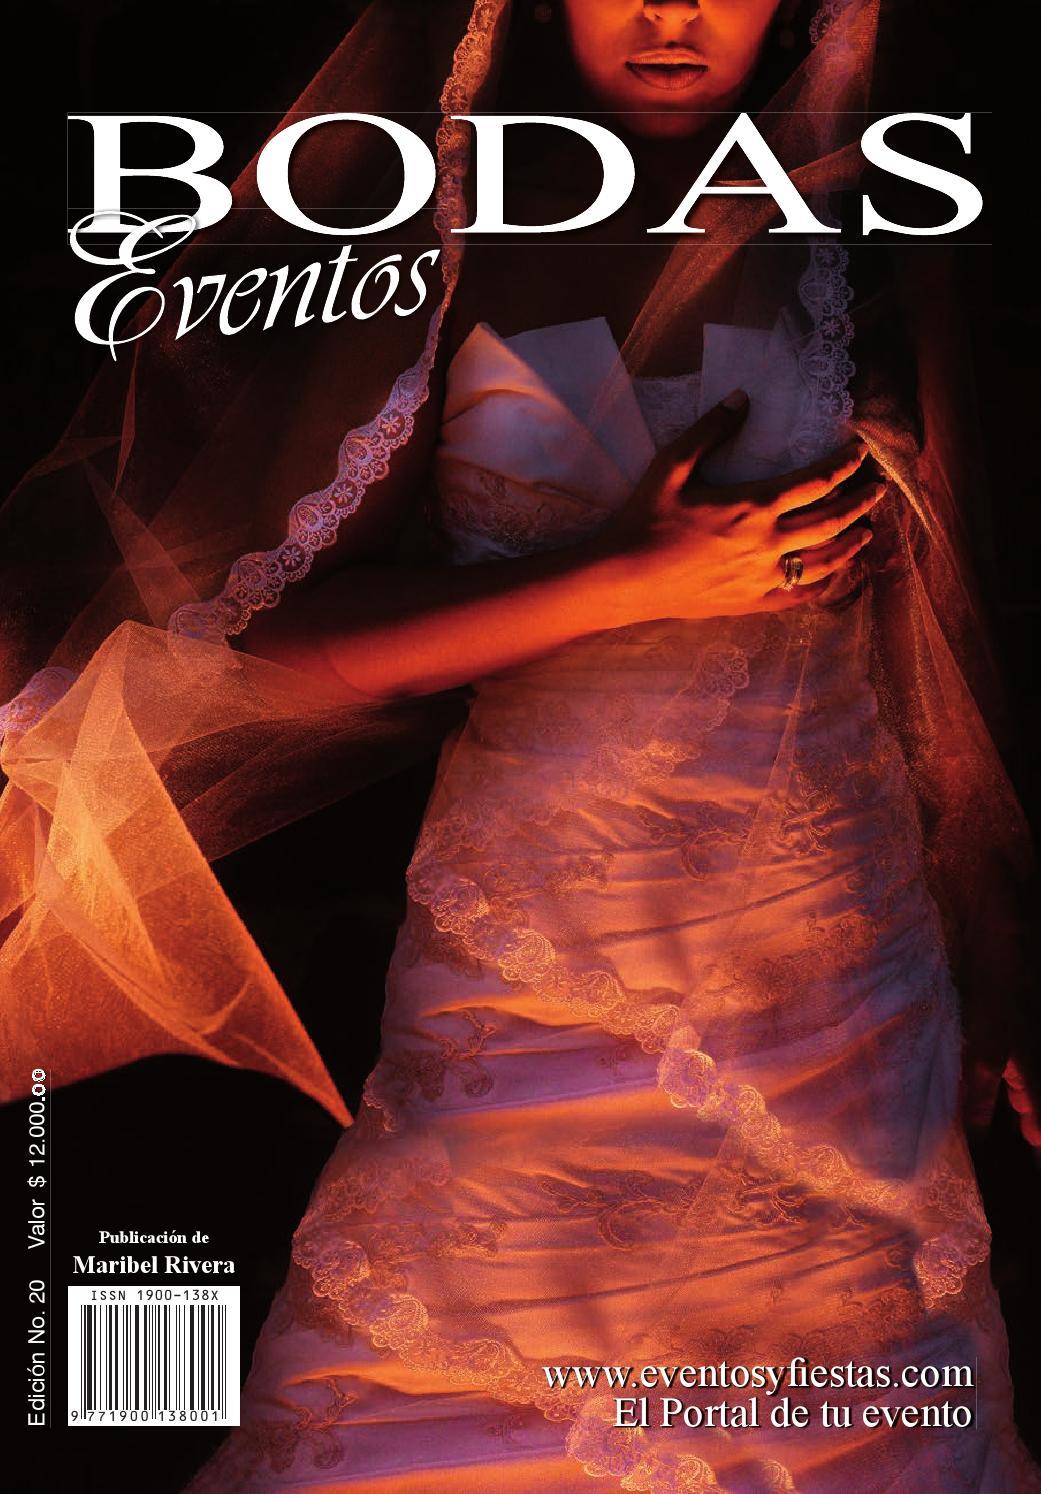 Revista Eventos Bodas Edición 20 by Eventos y Fiestas Colombia - issuu